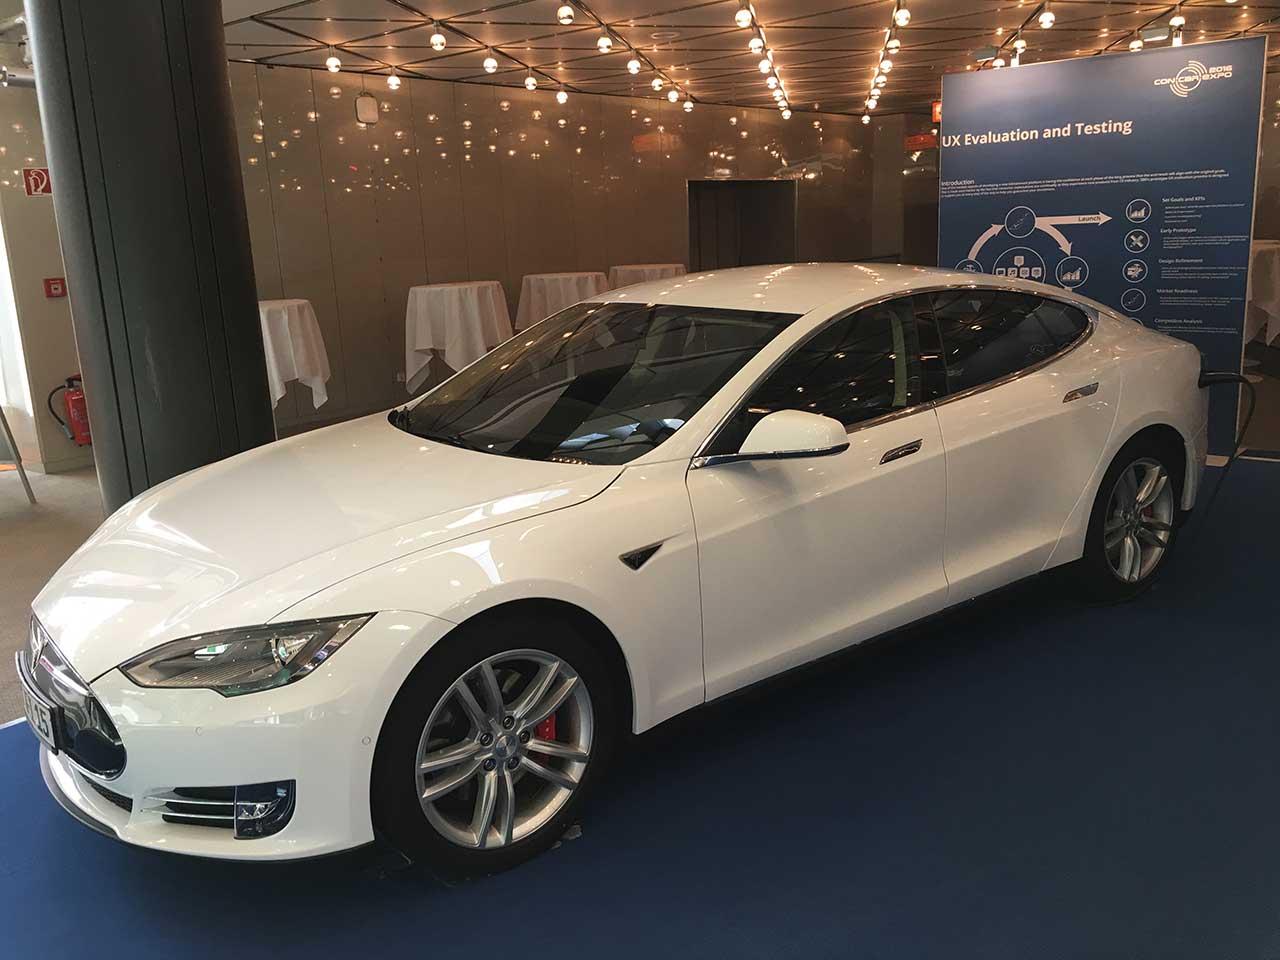 Die Dichte an Exemplaren des kalifornischen Elektroflitzers Tesla Model S dürfte an kaum einem Ort höher sein.